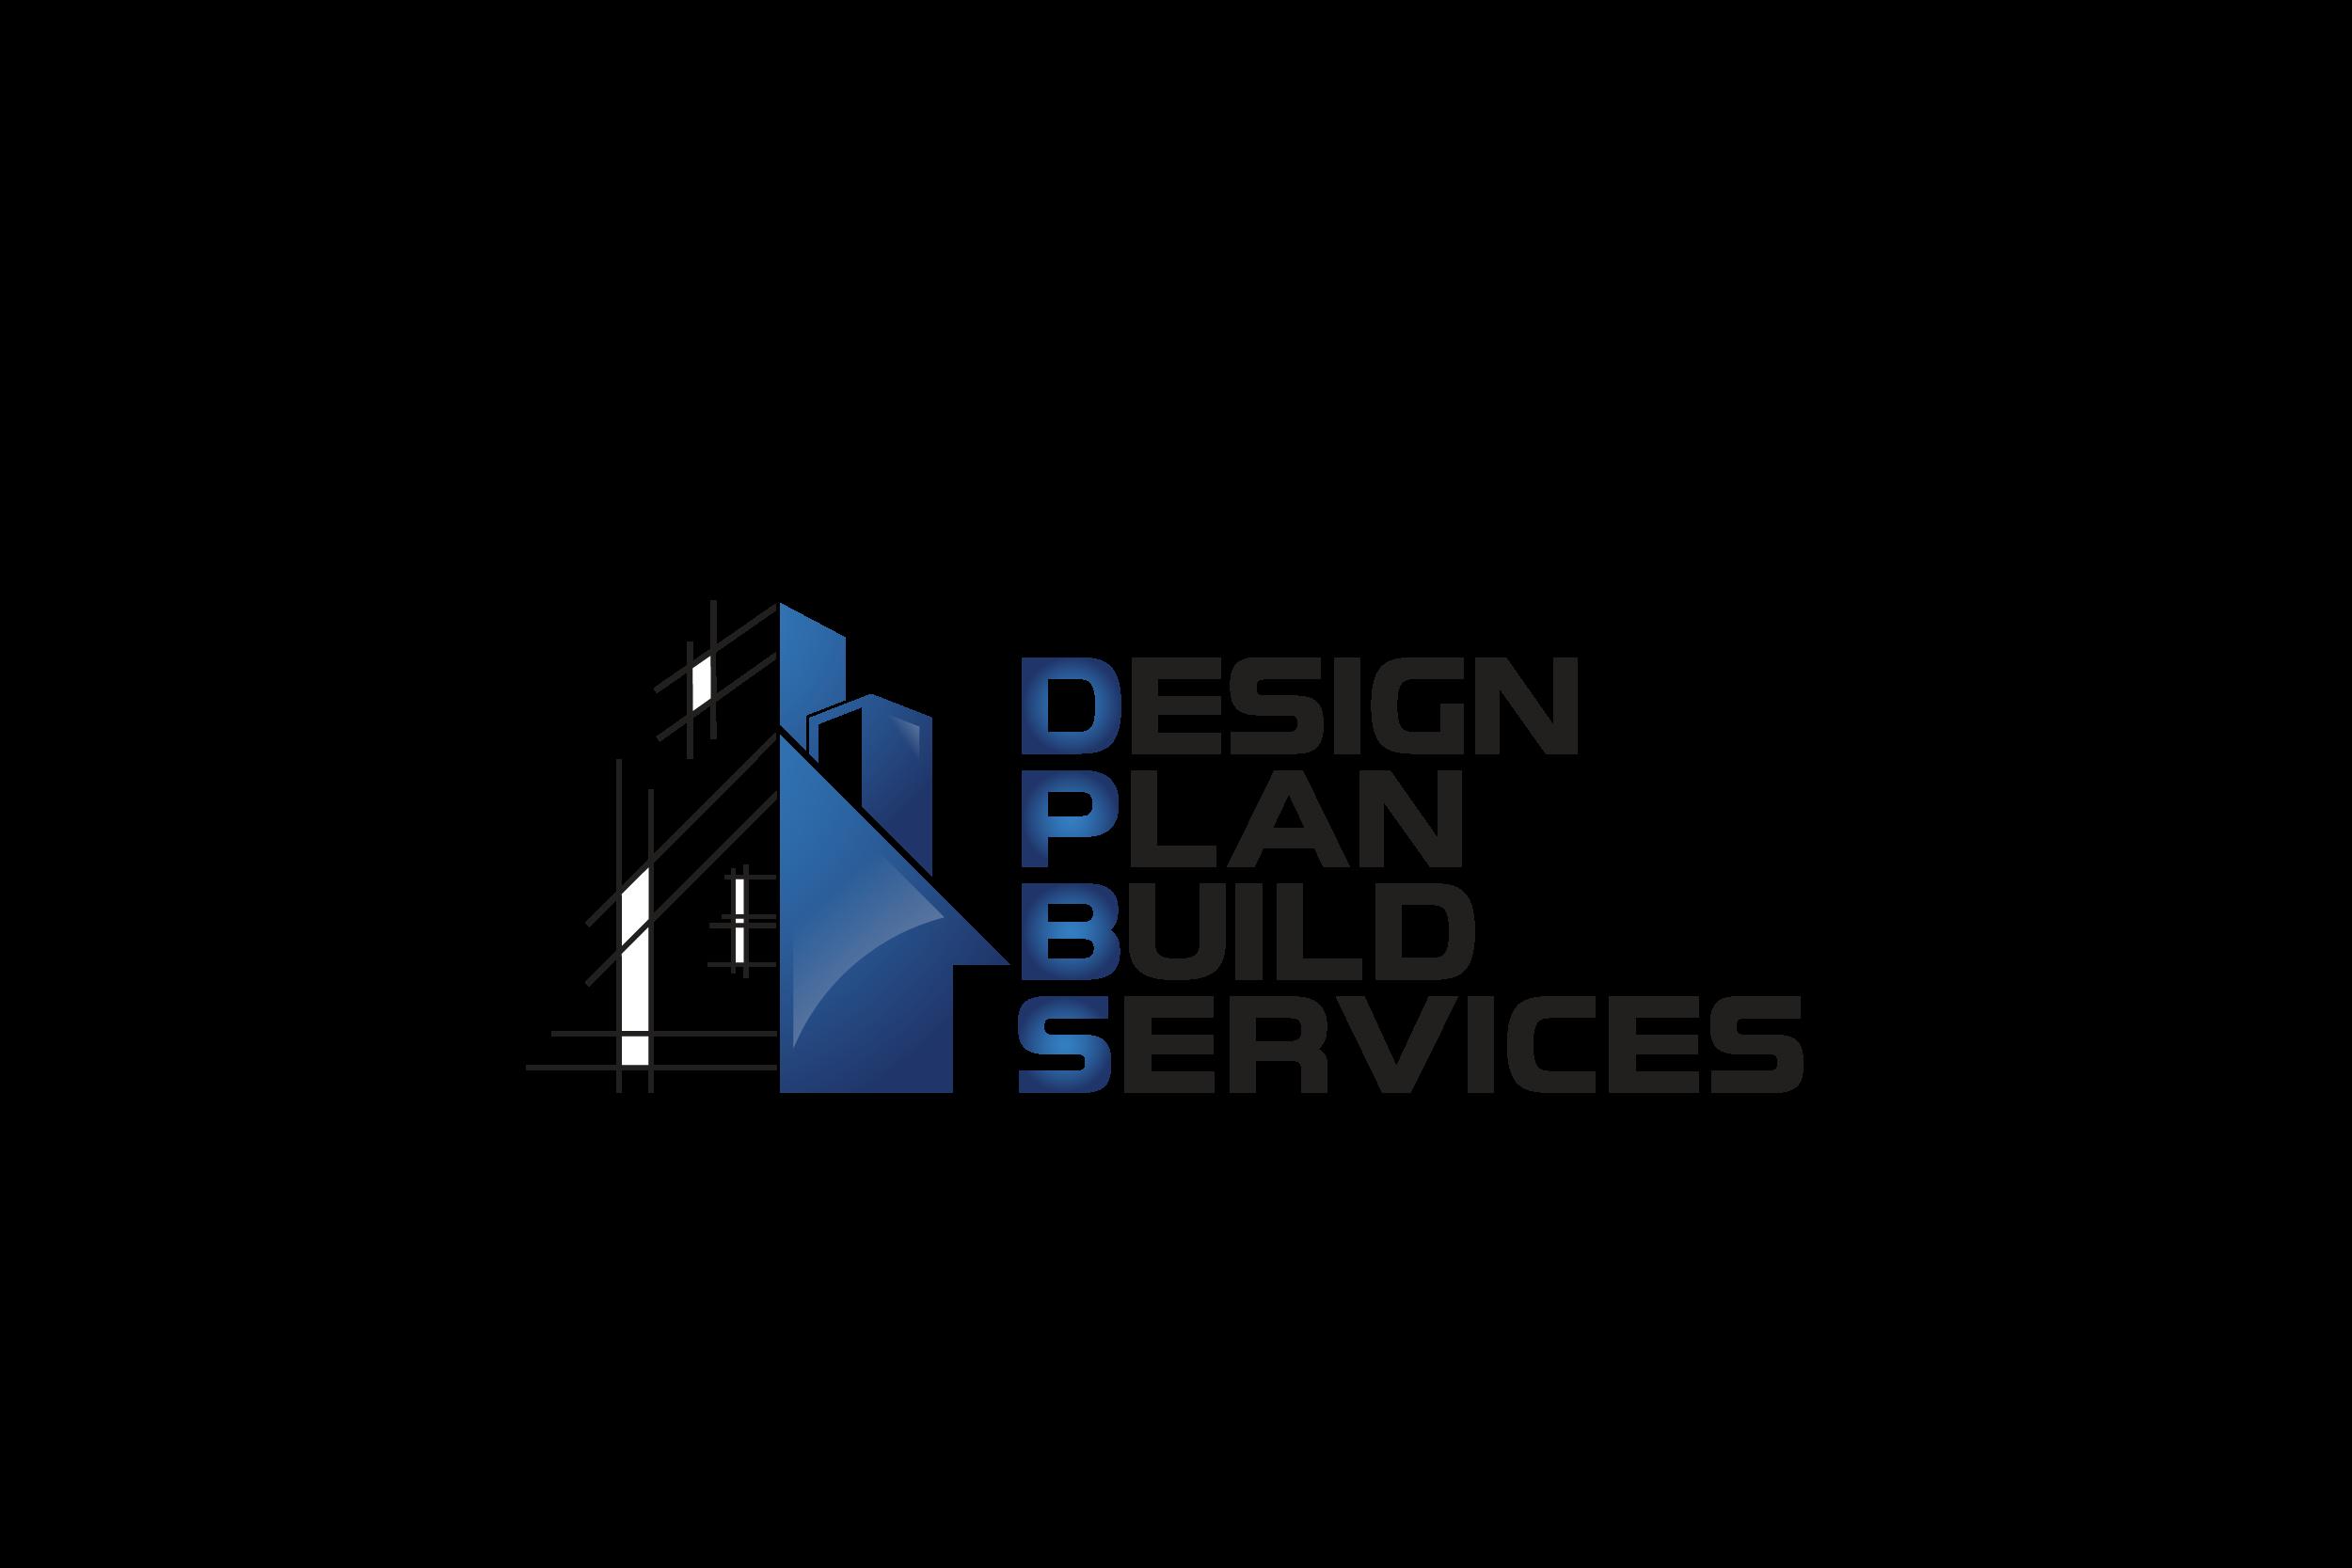 Design Plan Build Services